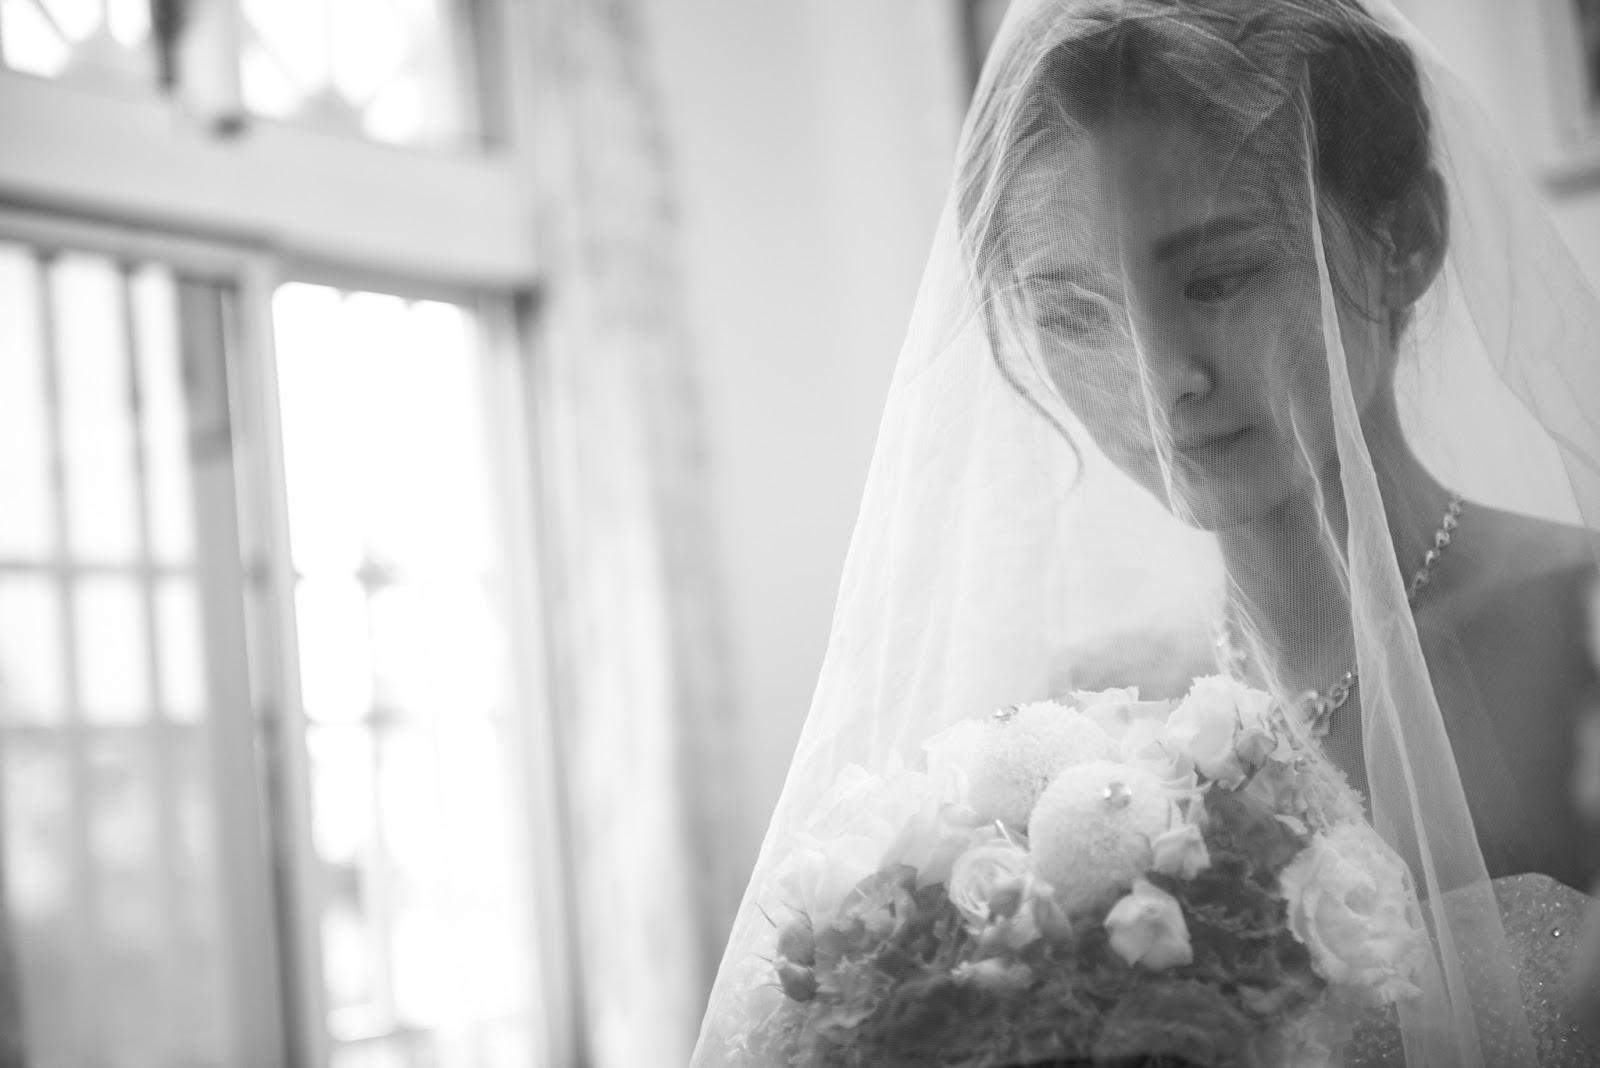 台中新秘, 婚宴造型, 婚禮現場, 婚禮造型, 新娘秘書, 新秘阿桂Dabby, 新秘推薦, 新娘髮型,